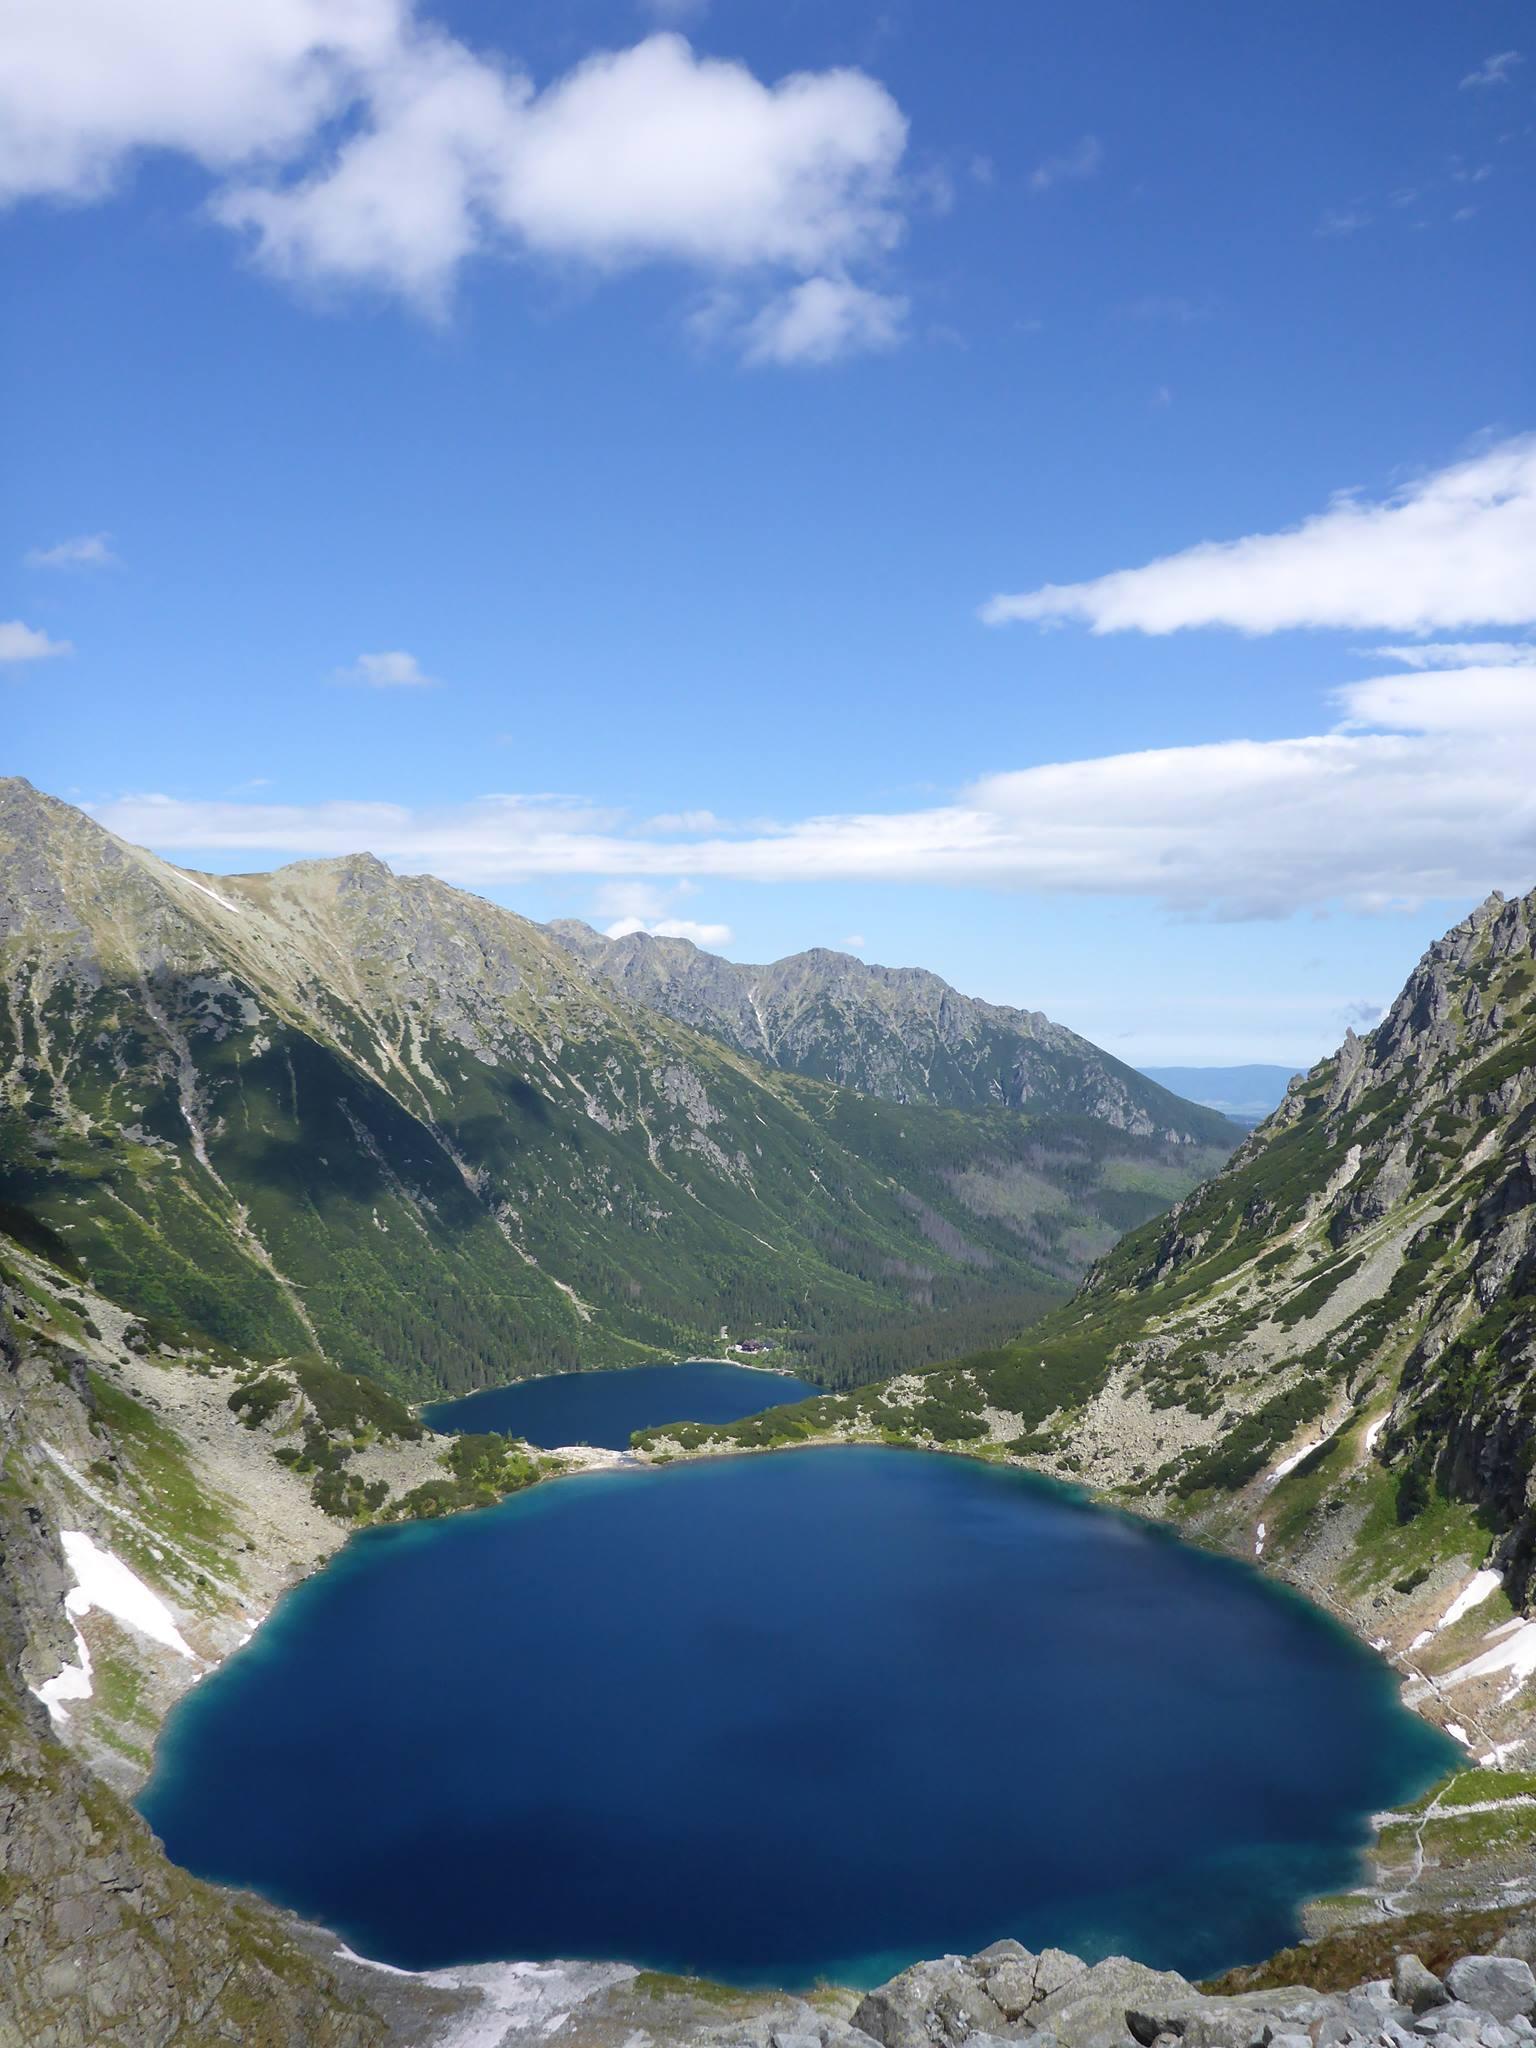 Je commence l'ascension en compagnie de Tomek. La vue sur les deux lacs en contrebas est époustouflante